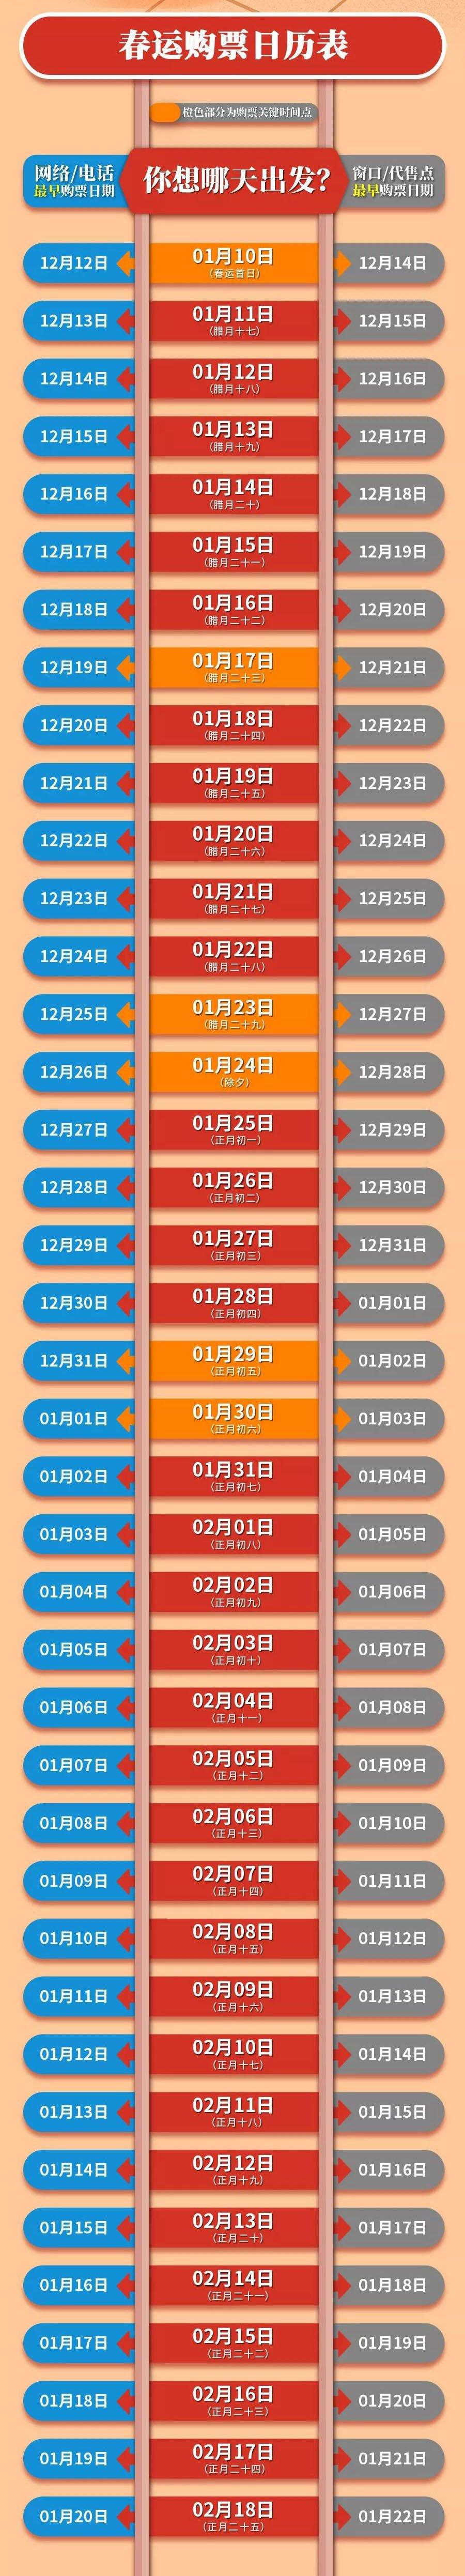 2020春运动车票什么时候可以购买 2020年春运购票日历表(全)